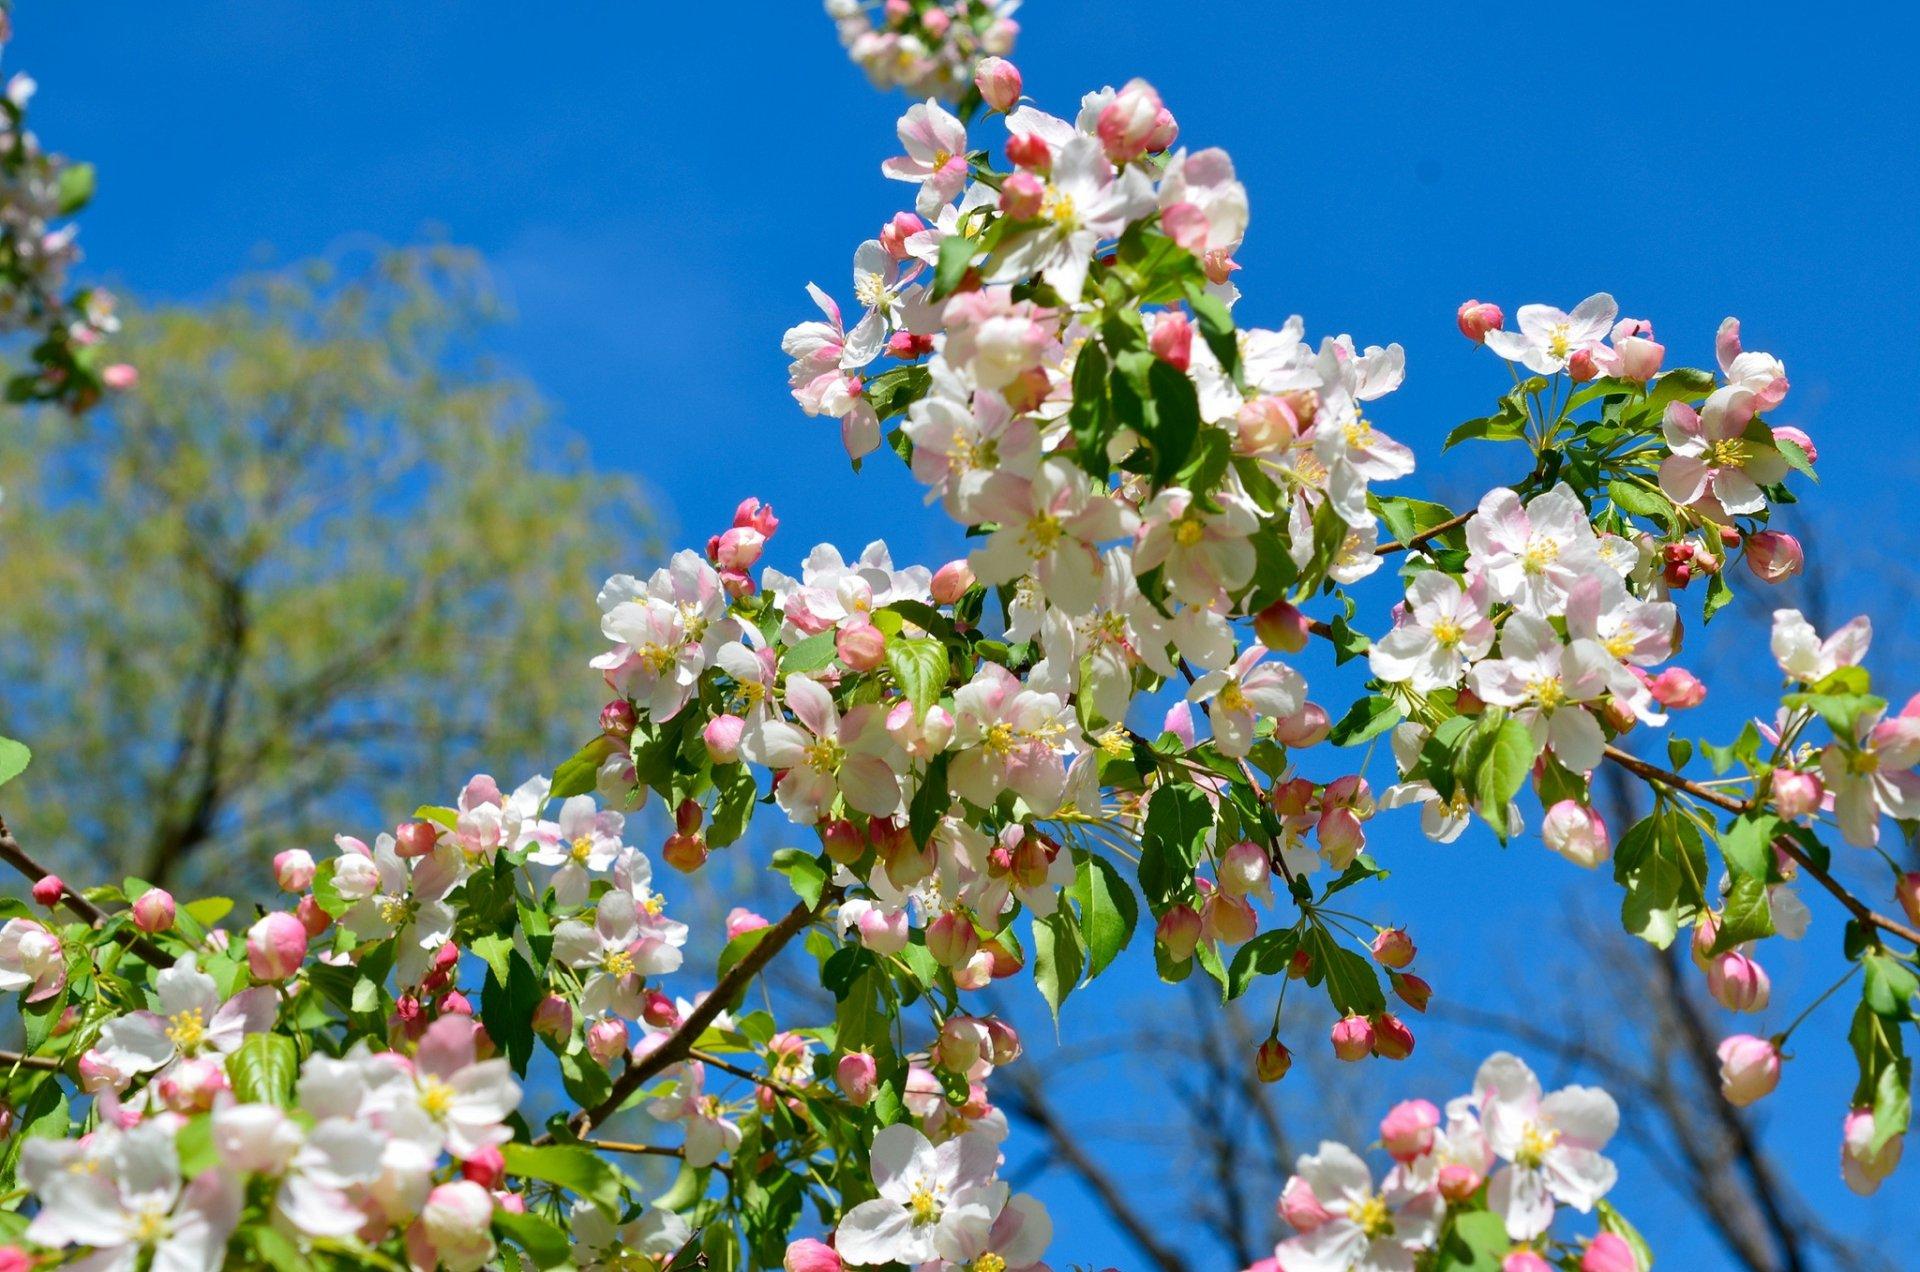 часто этот цветение яблонь фото оперения пестрый варьируется